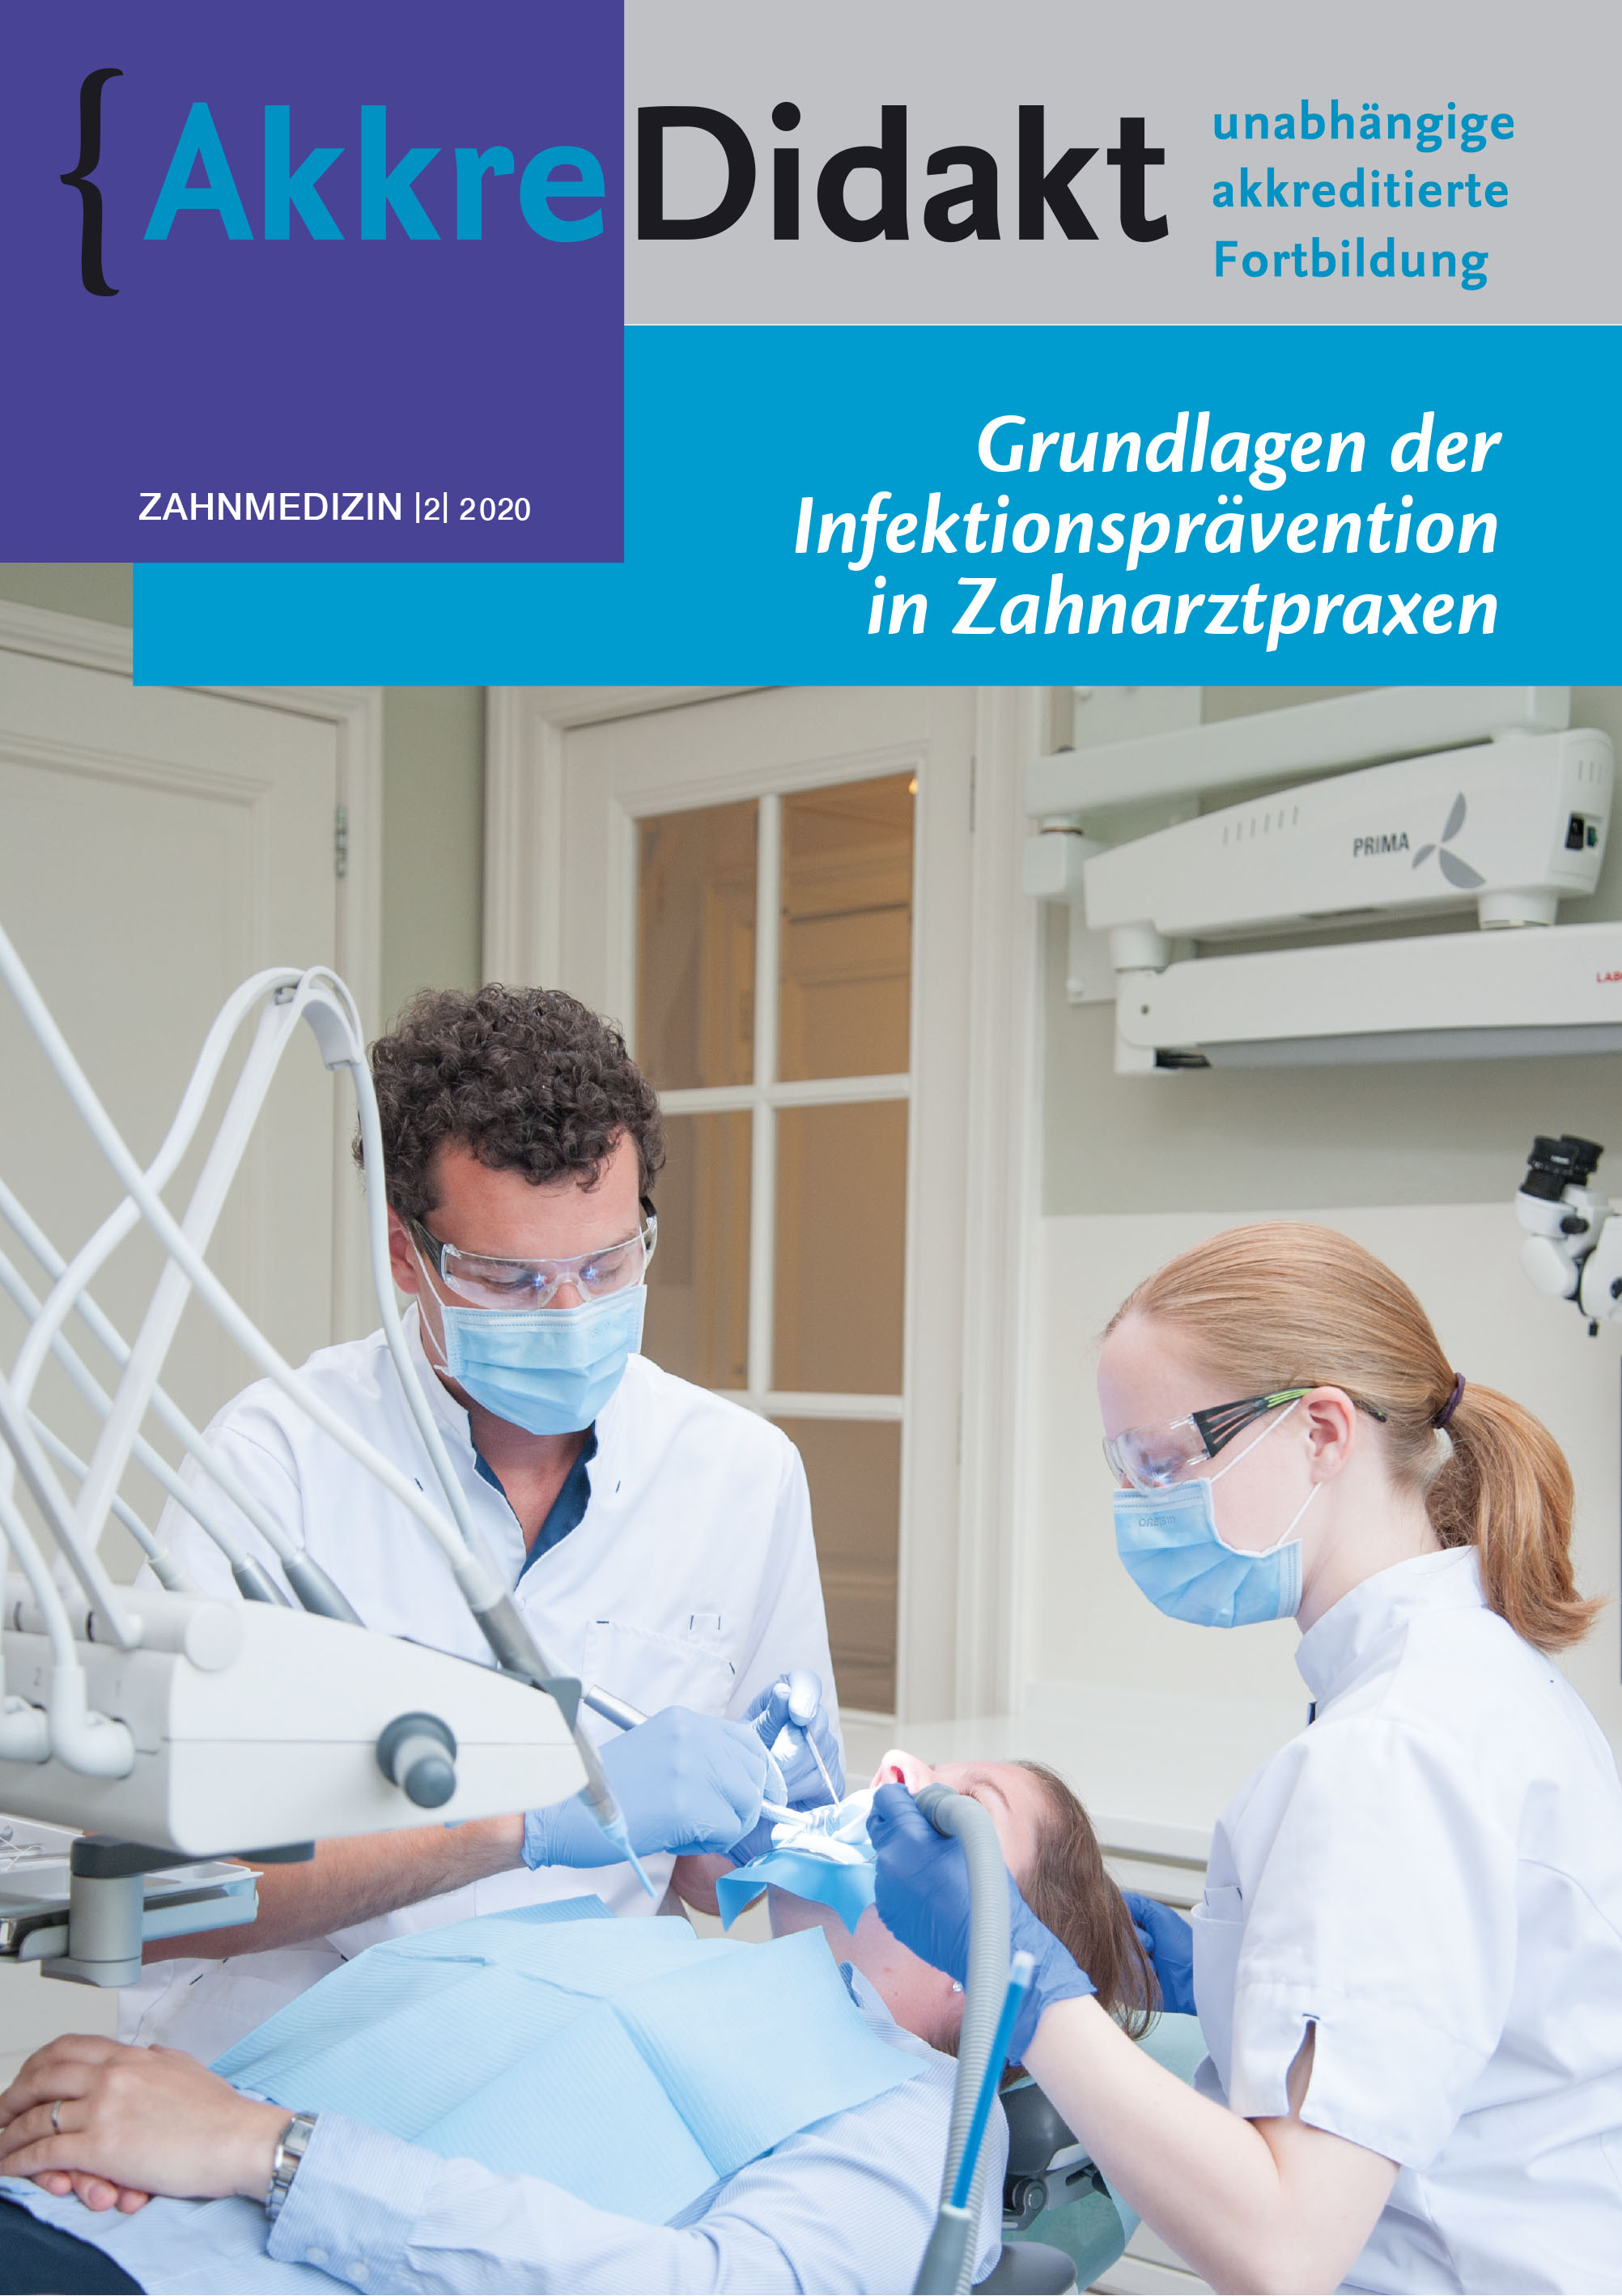 Grundlagen der Infektionsprävention in Zahnarztpraxen